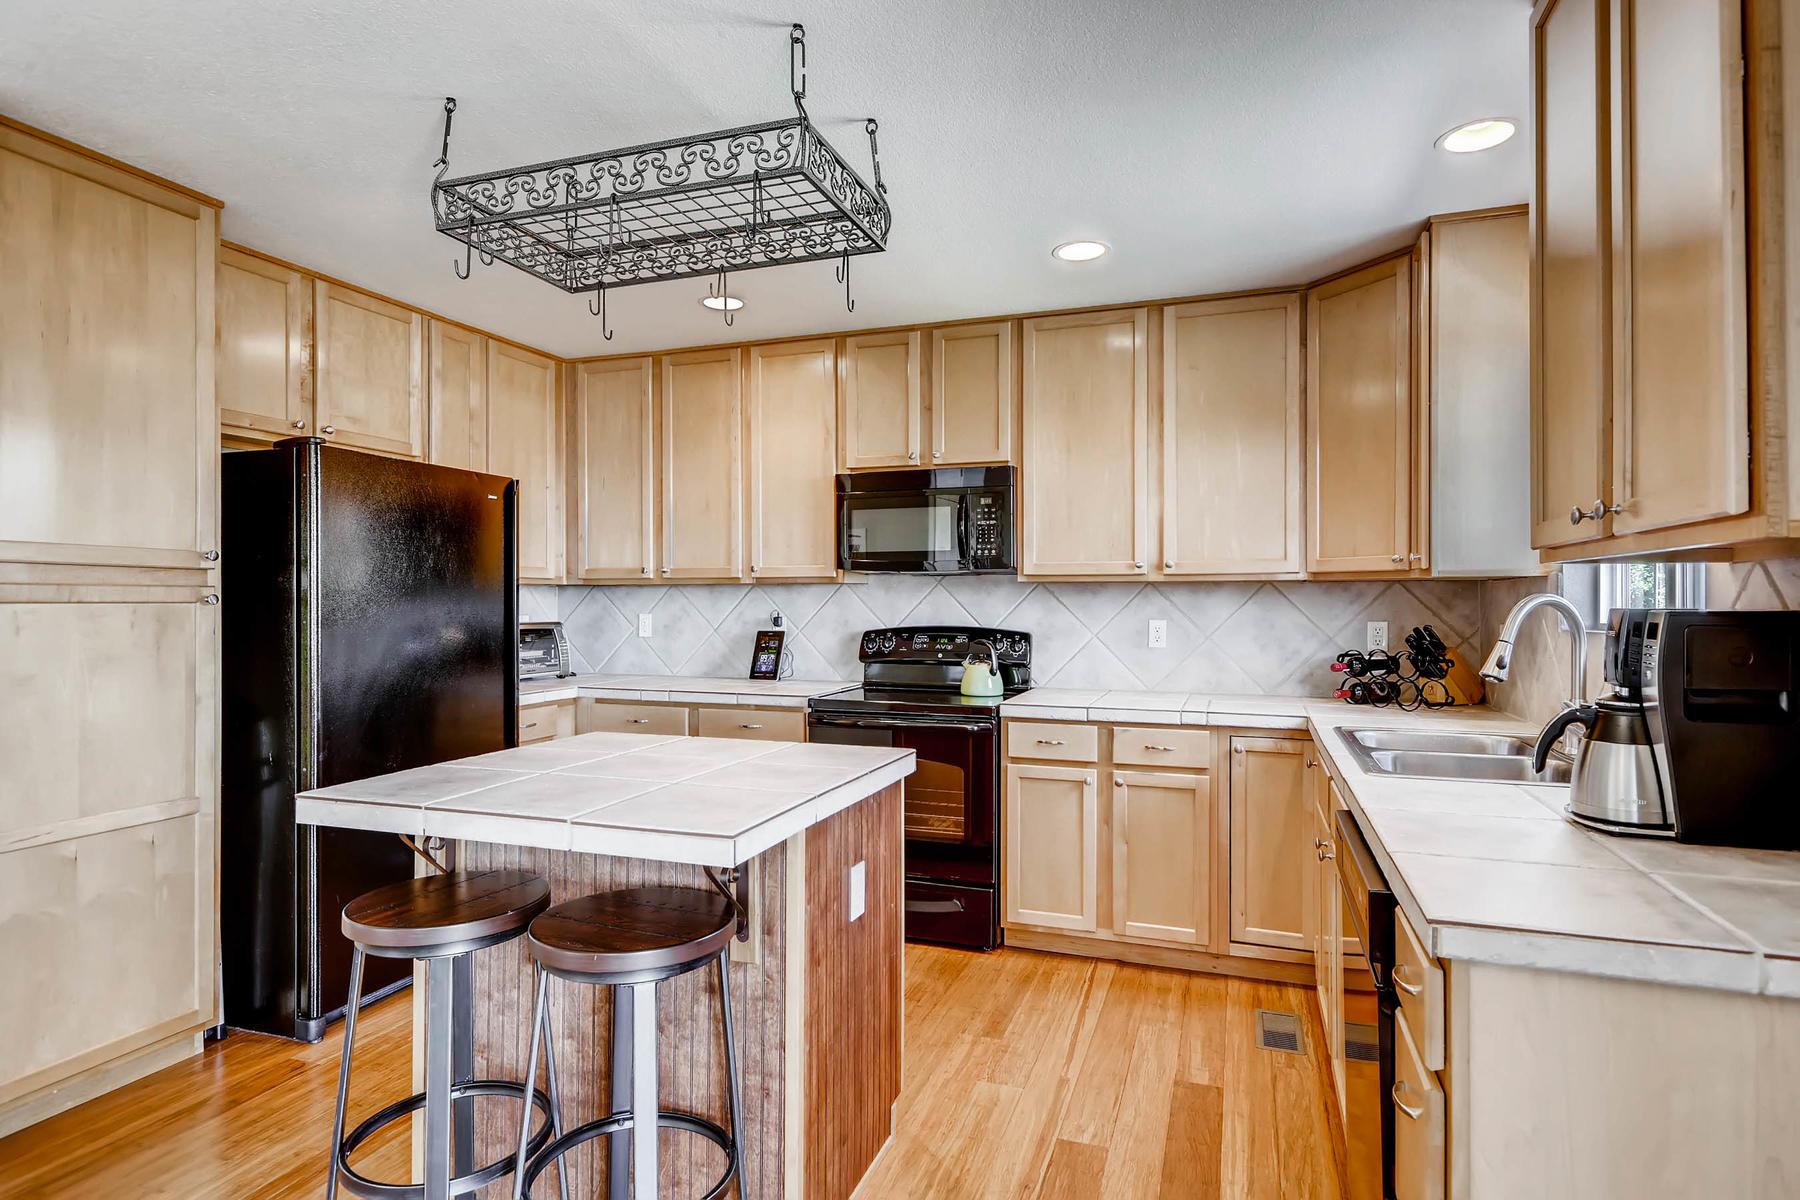 13815 e 107th ave commerce mls_size 009 11 kitchen 18001200 72dpi - Commerce Kitchen